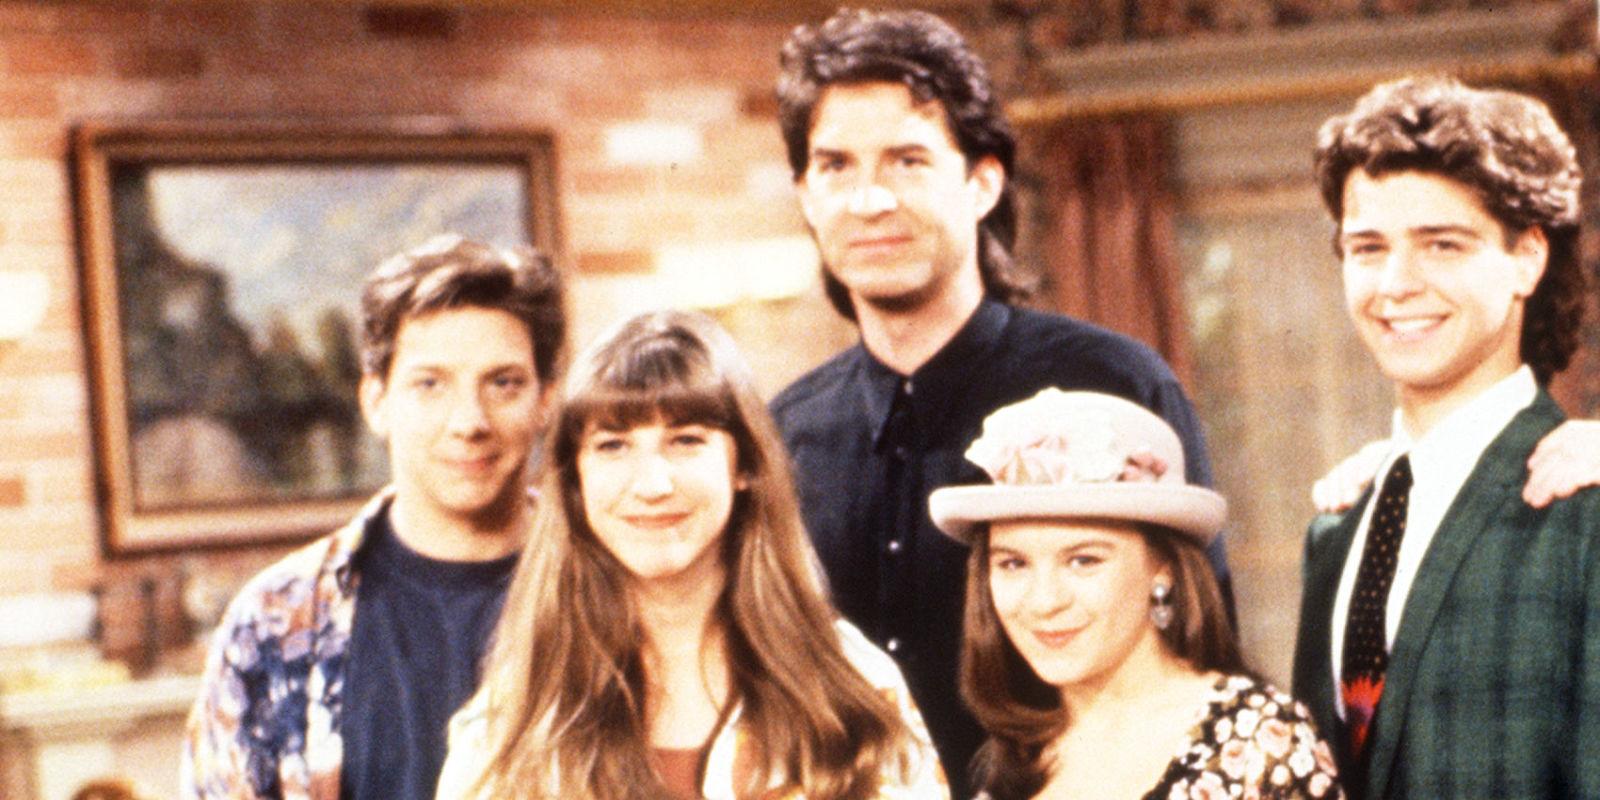 Así está el reparto de 'Blossom' 22 años después